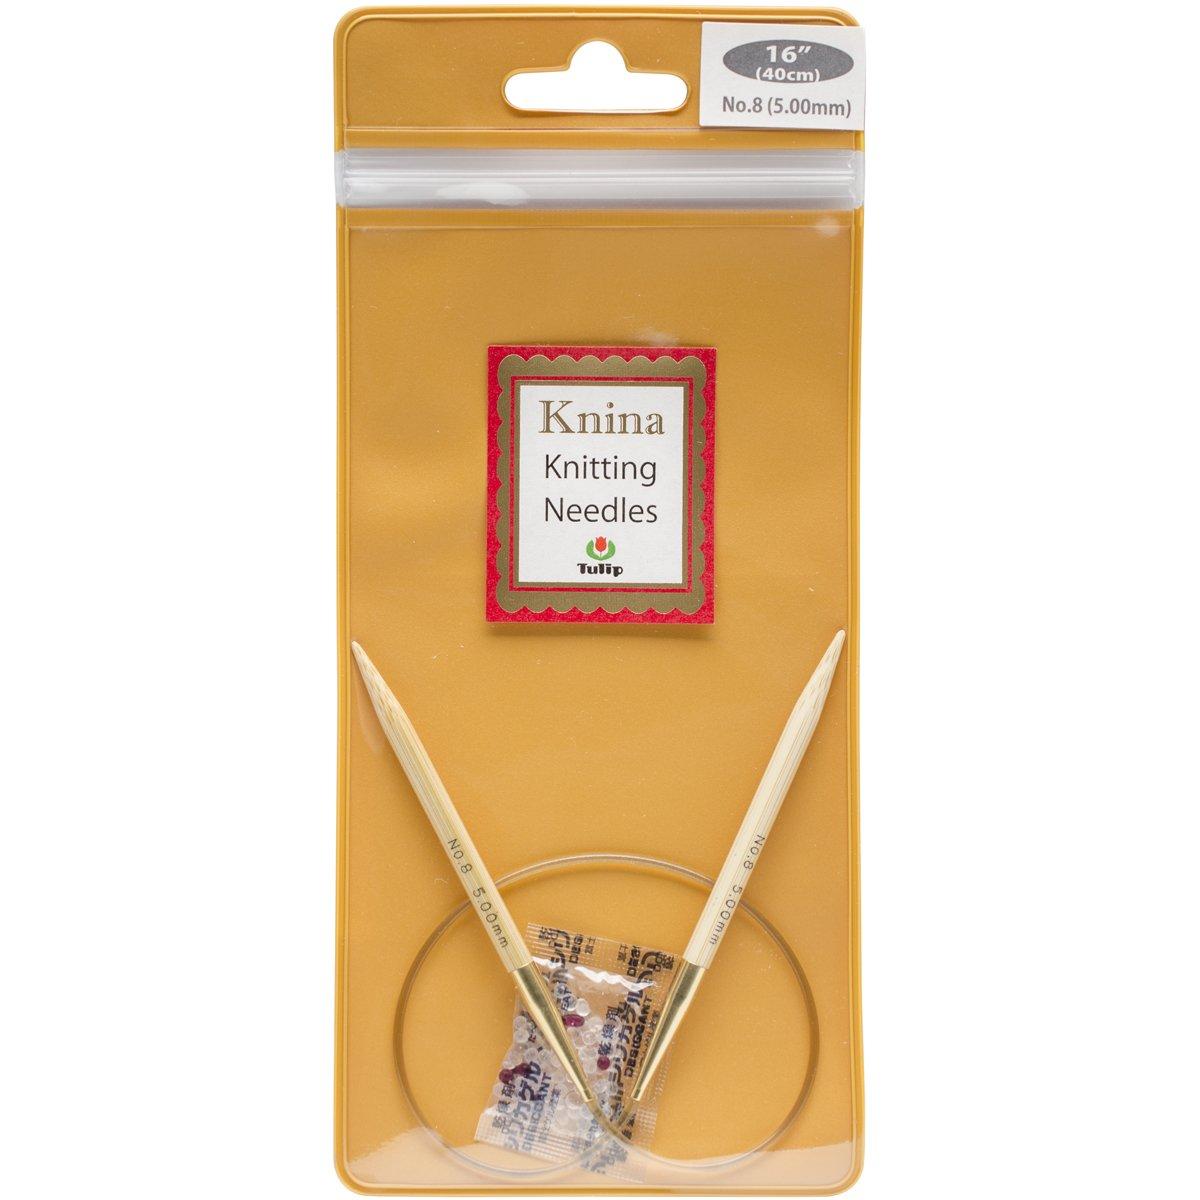 Tulip Needle Company 16 Knina Knitting Needles, 7/4.5mm by Tulip Needle Company B00USPO7D8